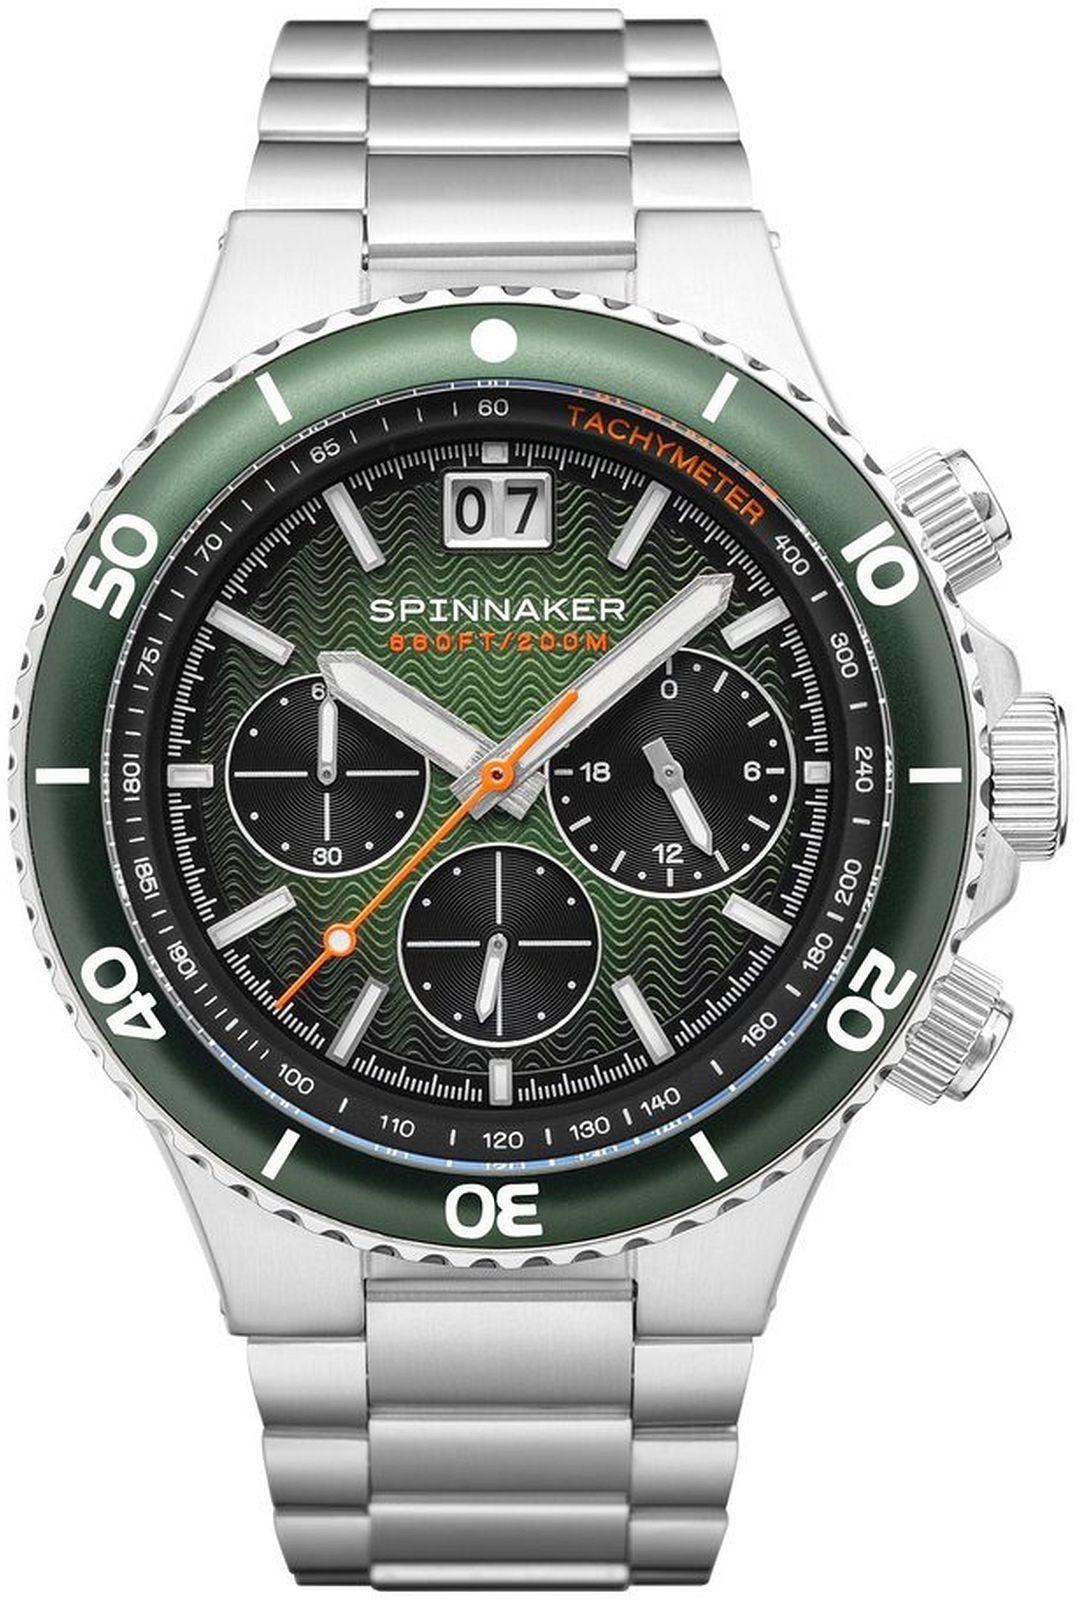 Spinnaker SP-5086-44 > Wysyłka tego samego dnia Grawer 0zł Darmowa dostawa Kurierem/Inpost Darmowy zwrot przez 100 DNI